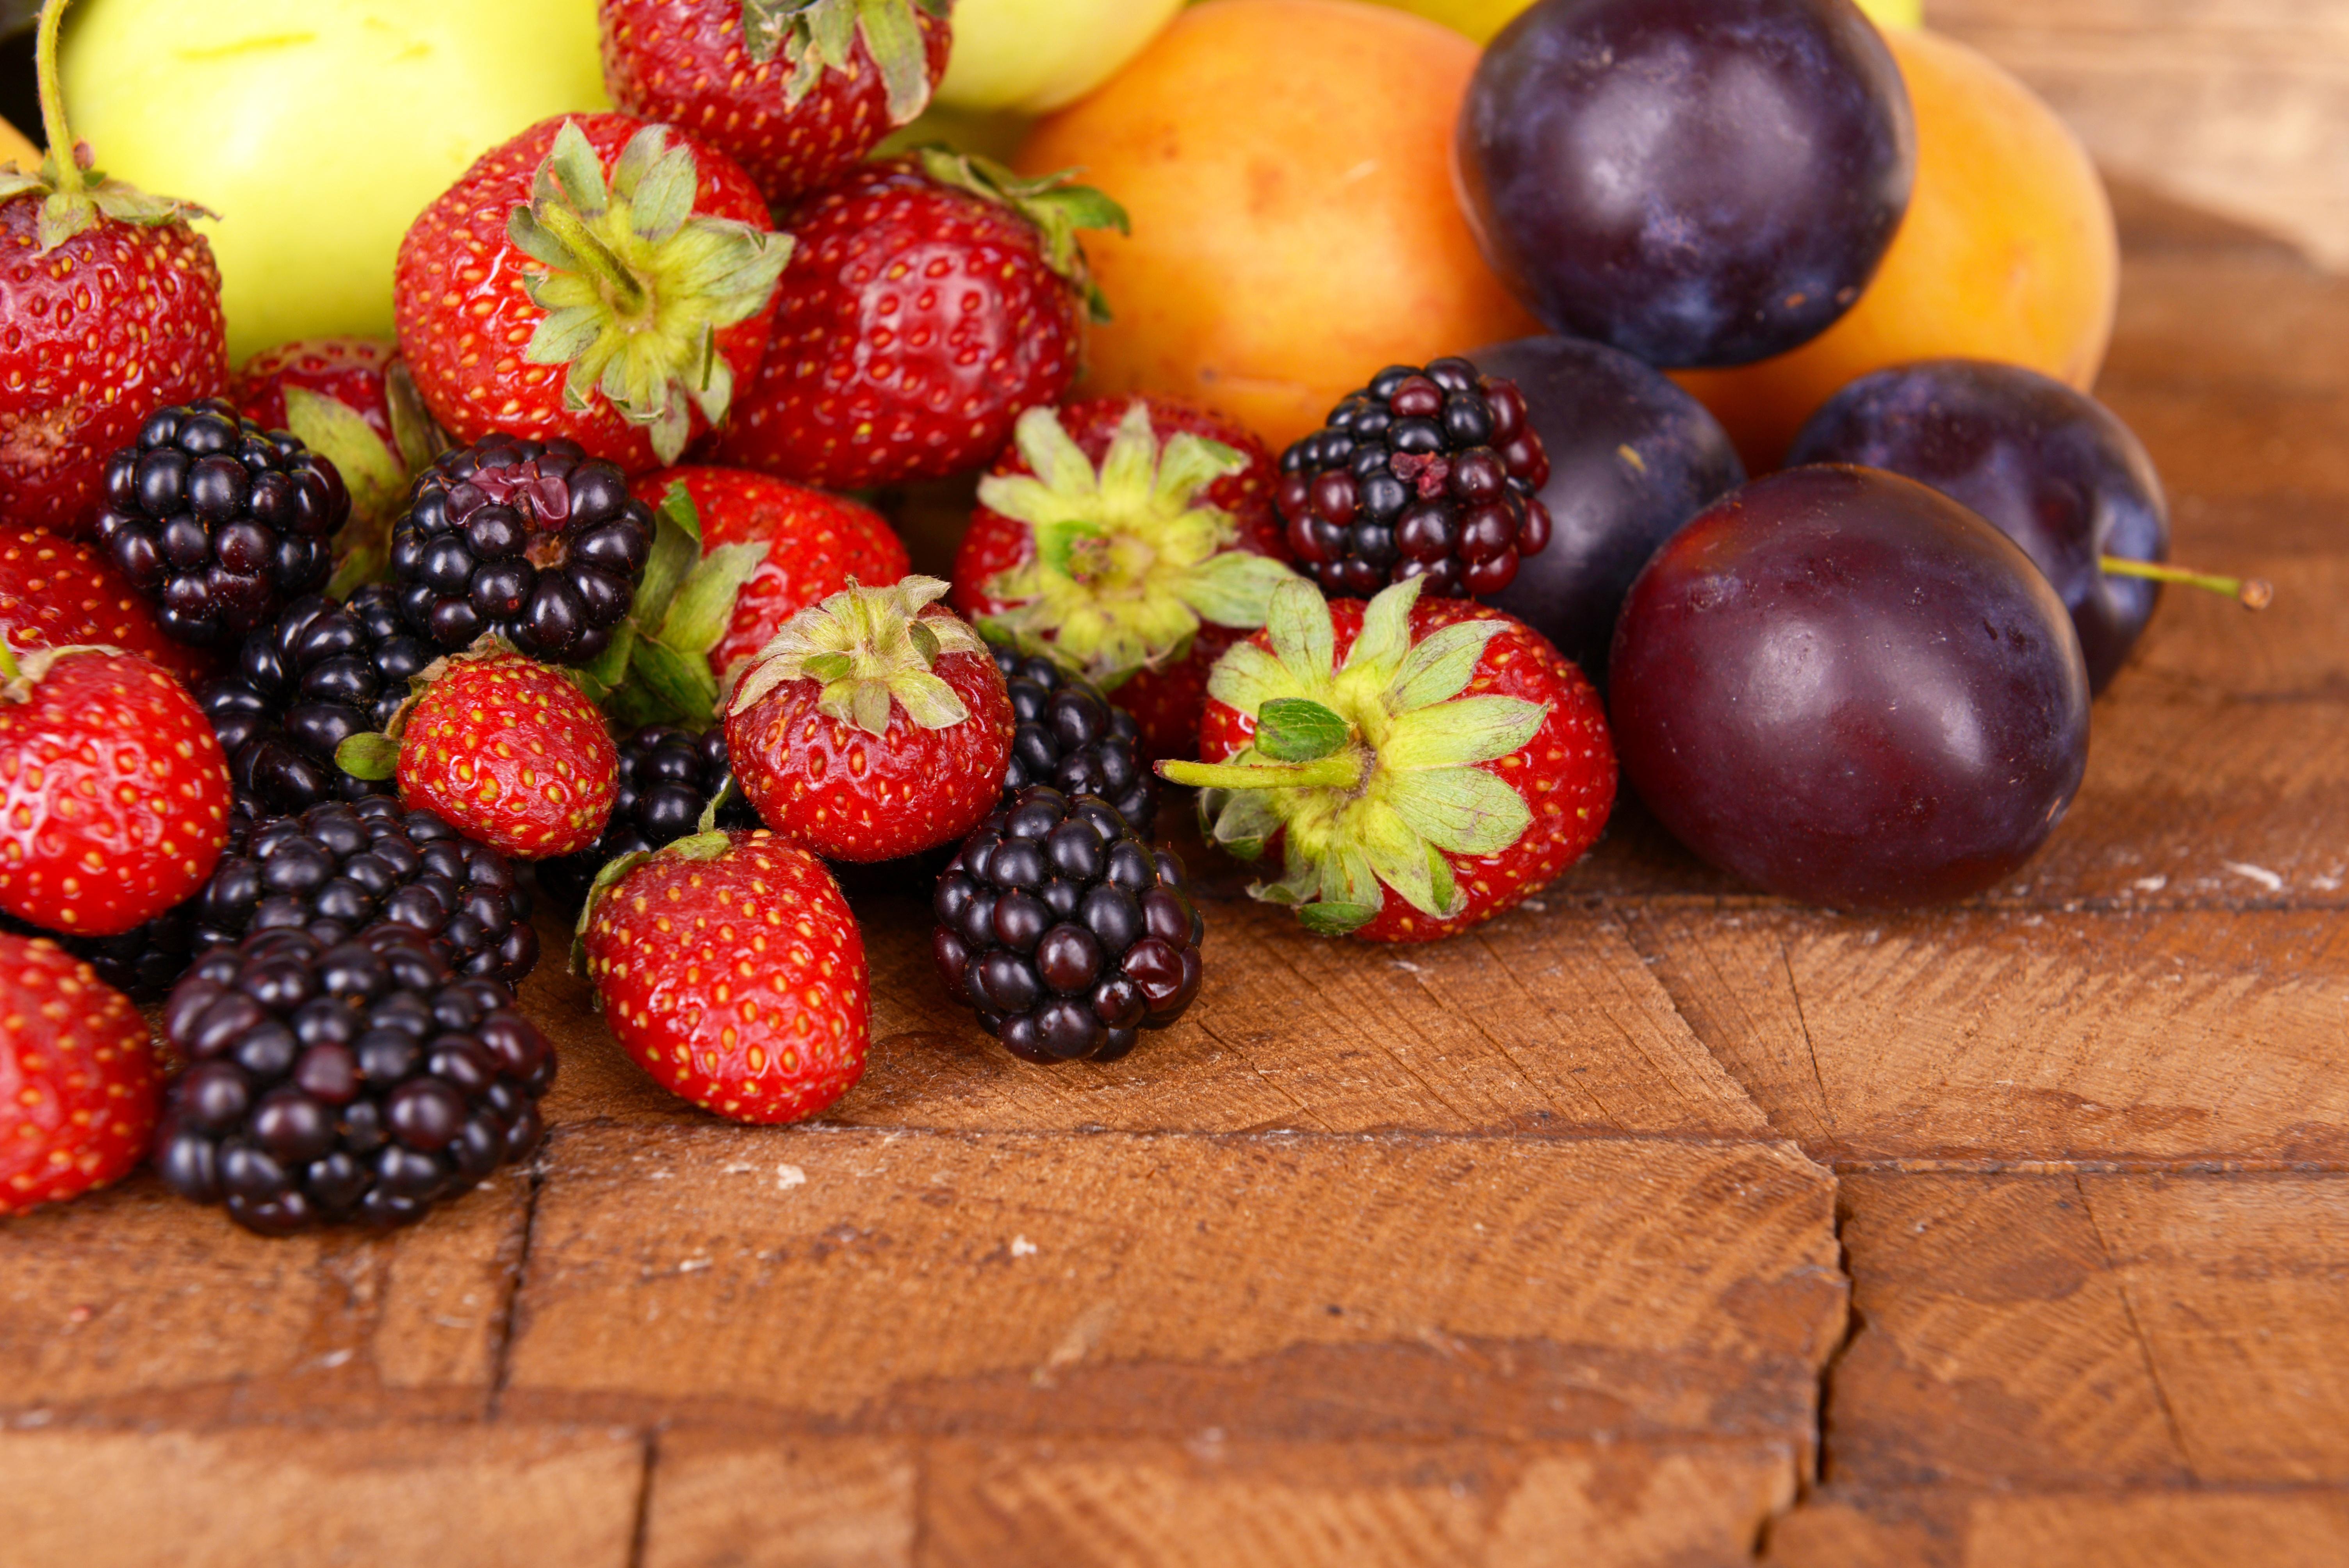 искала всем фото ягод и фруктов в хорошем качестве выбирают для этого